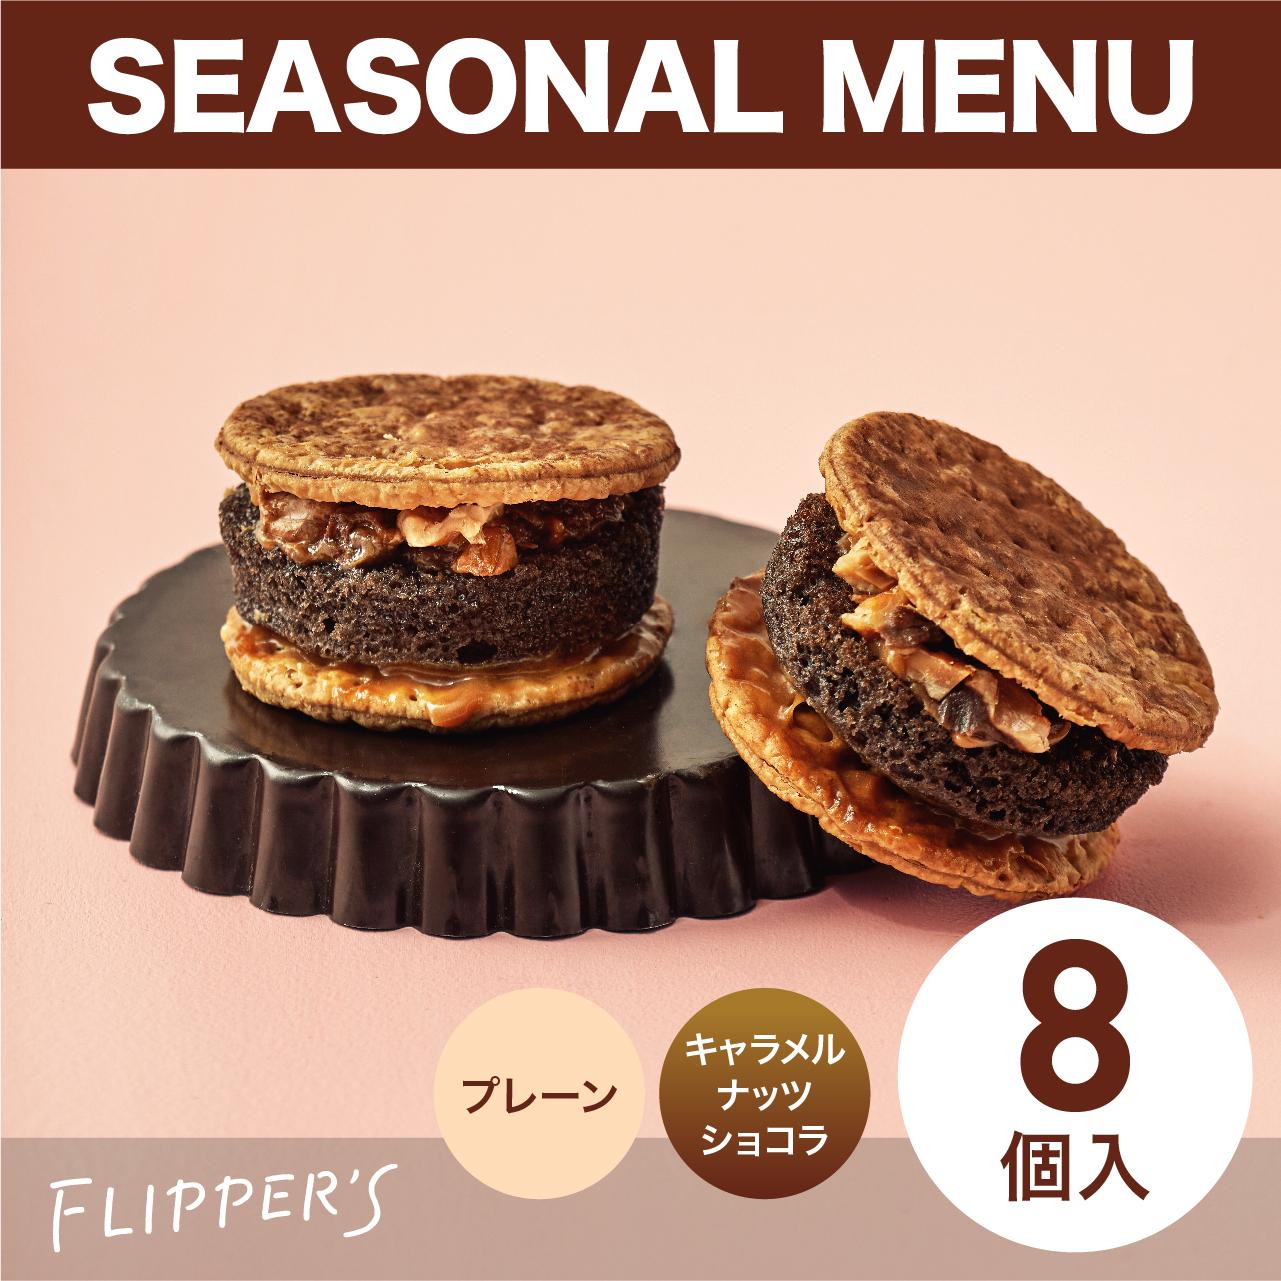 【発売記念価格】パンケーキパイ CHOCOLATE BOX 8 (FLIPPER'S/フリッパーズ)